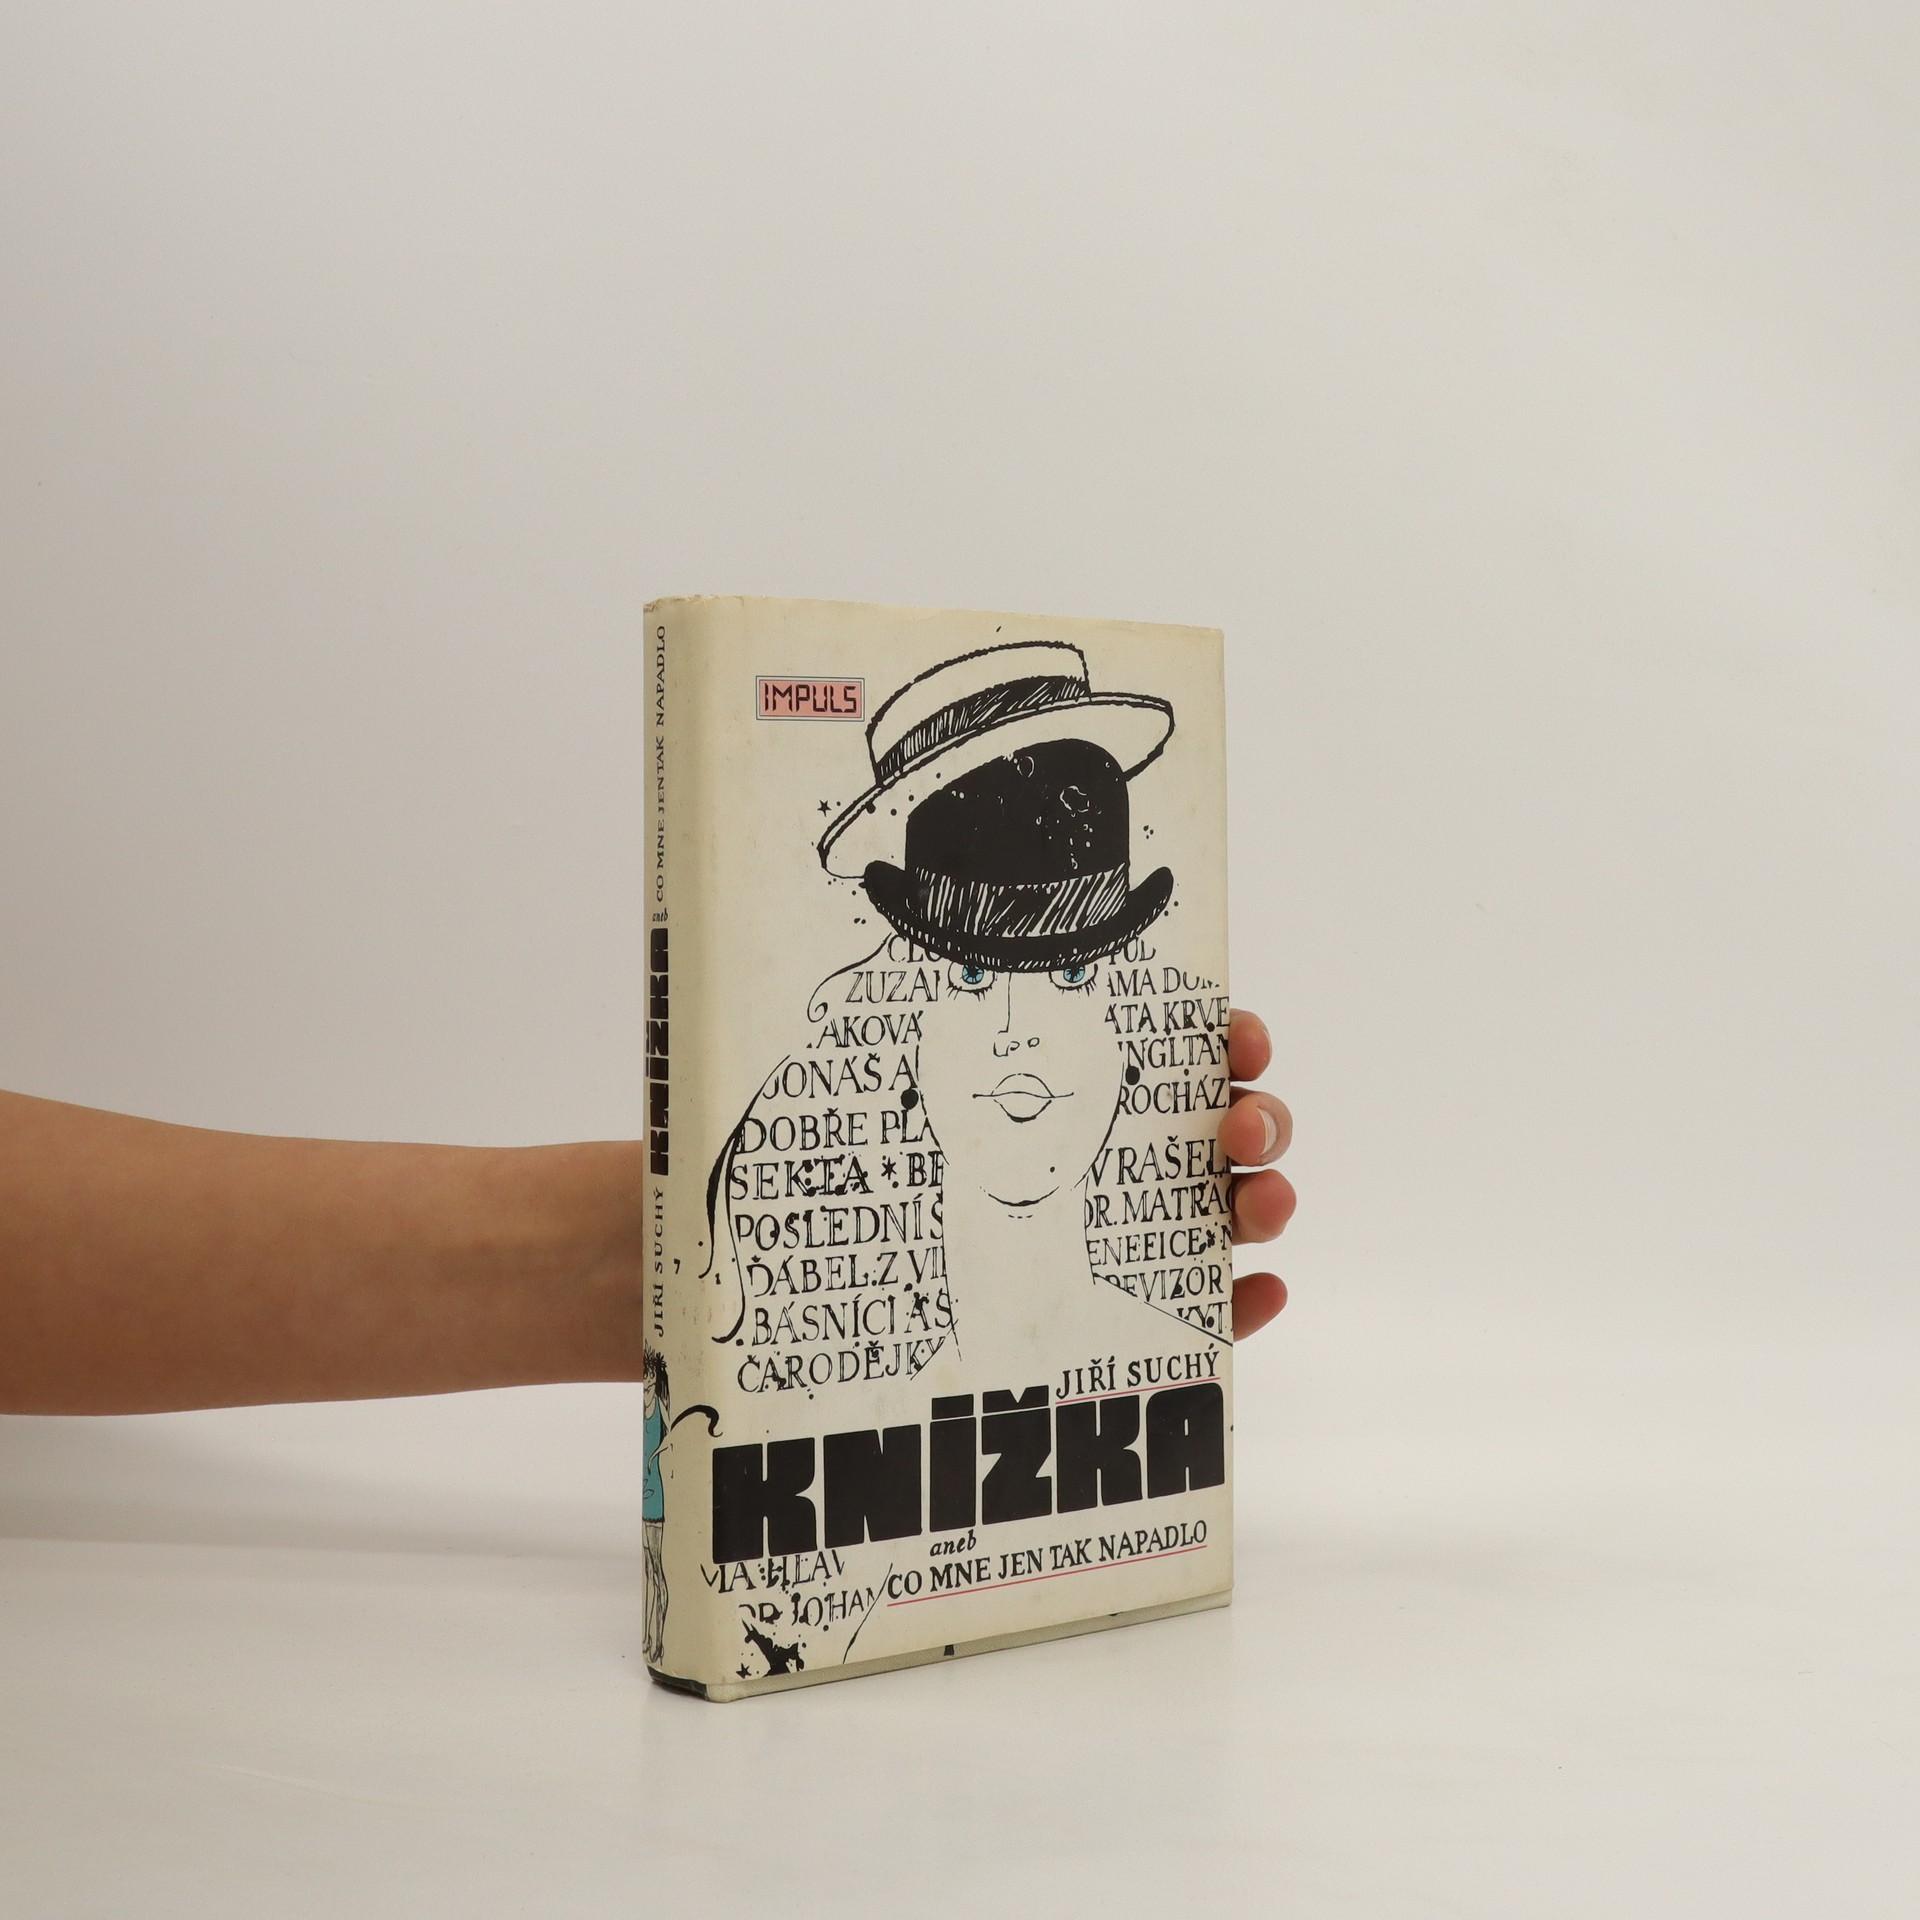 antikvární kniha Knížka, aneb co mne jen tak napadlo, neuveden